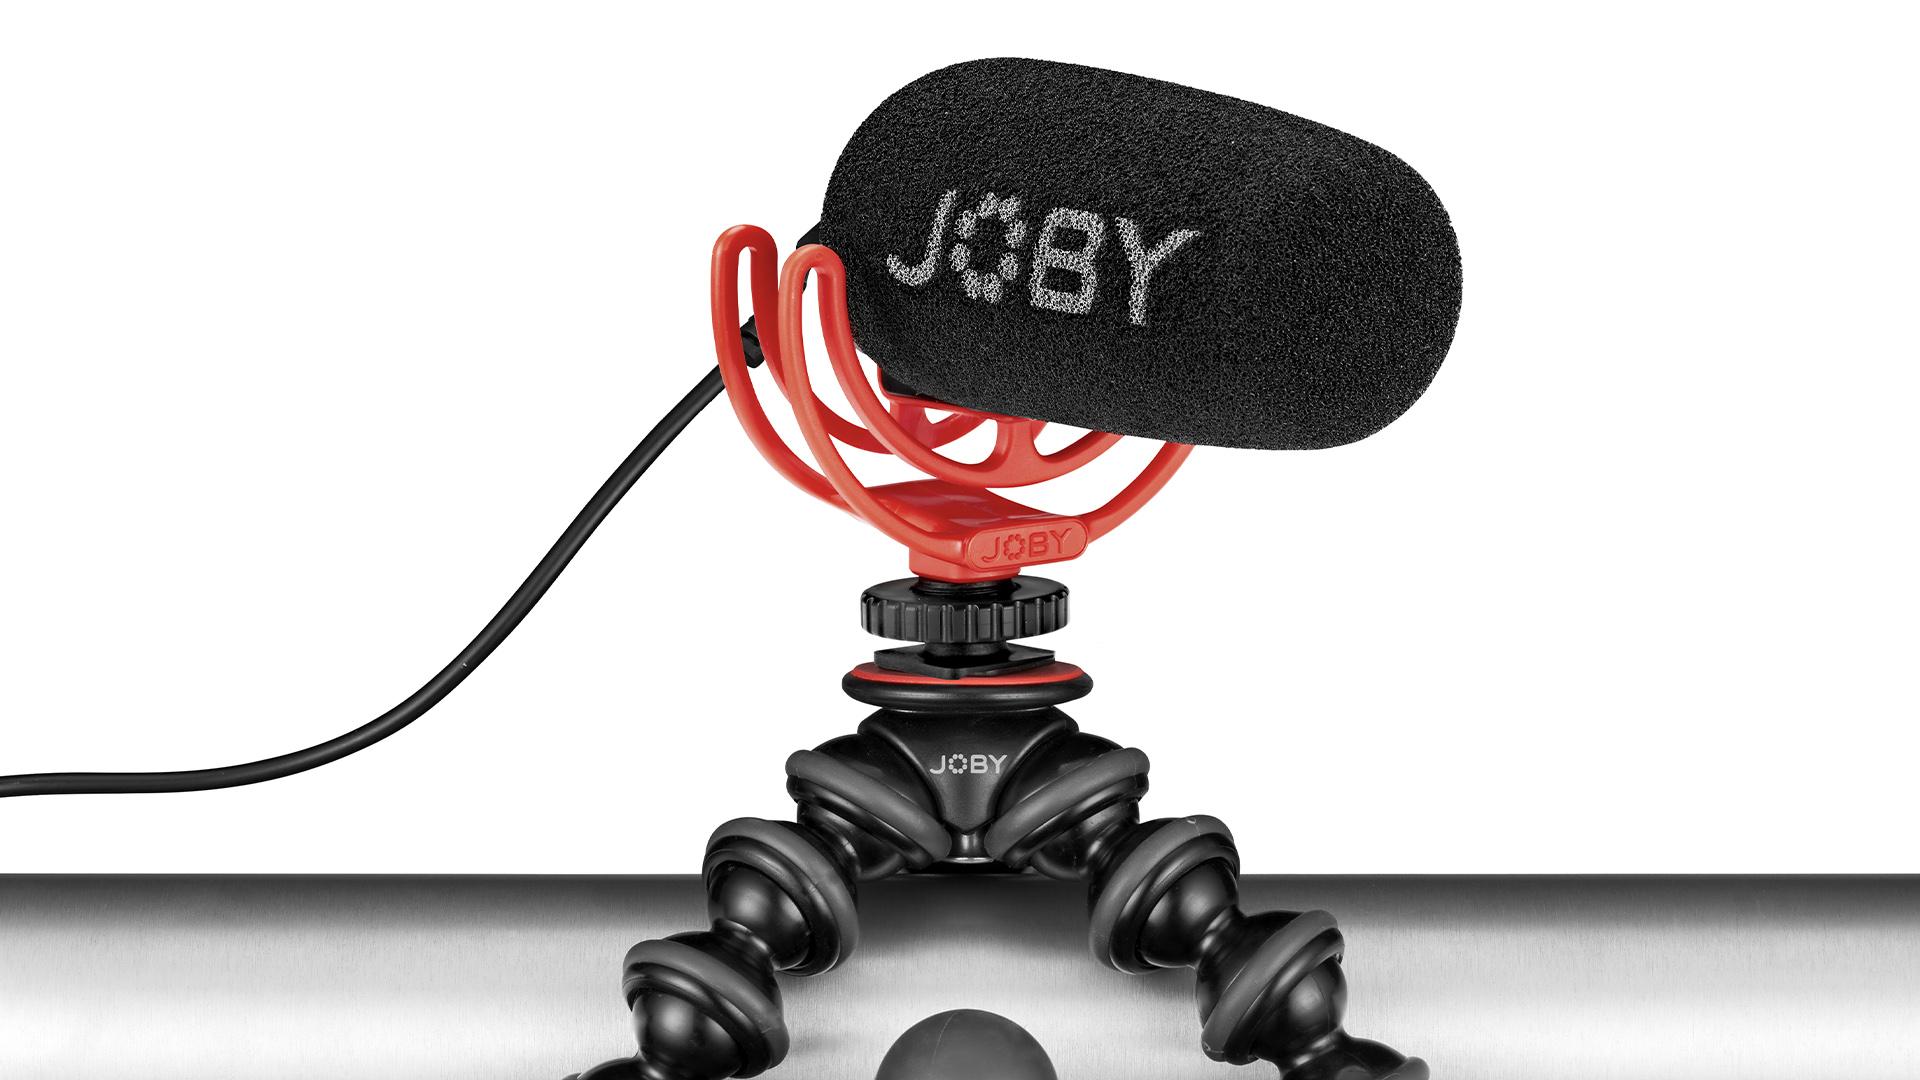 JOBY Wavo - Anuncian nuevo micrófono ultraliviano para vloggers